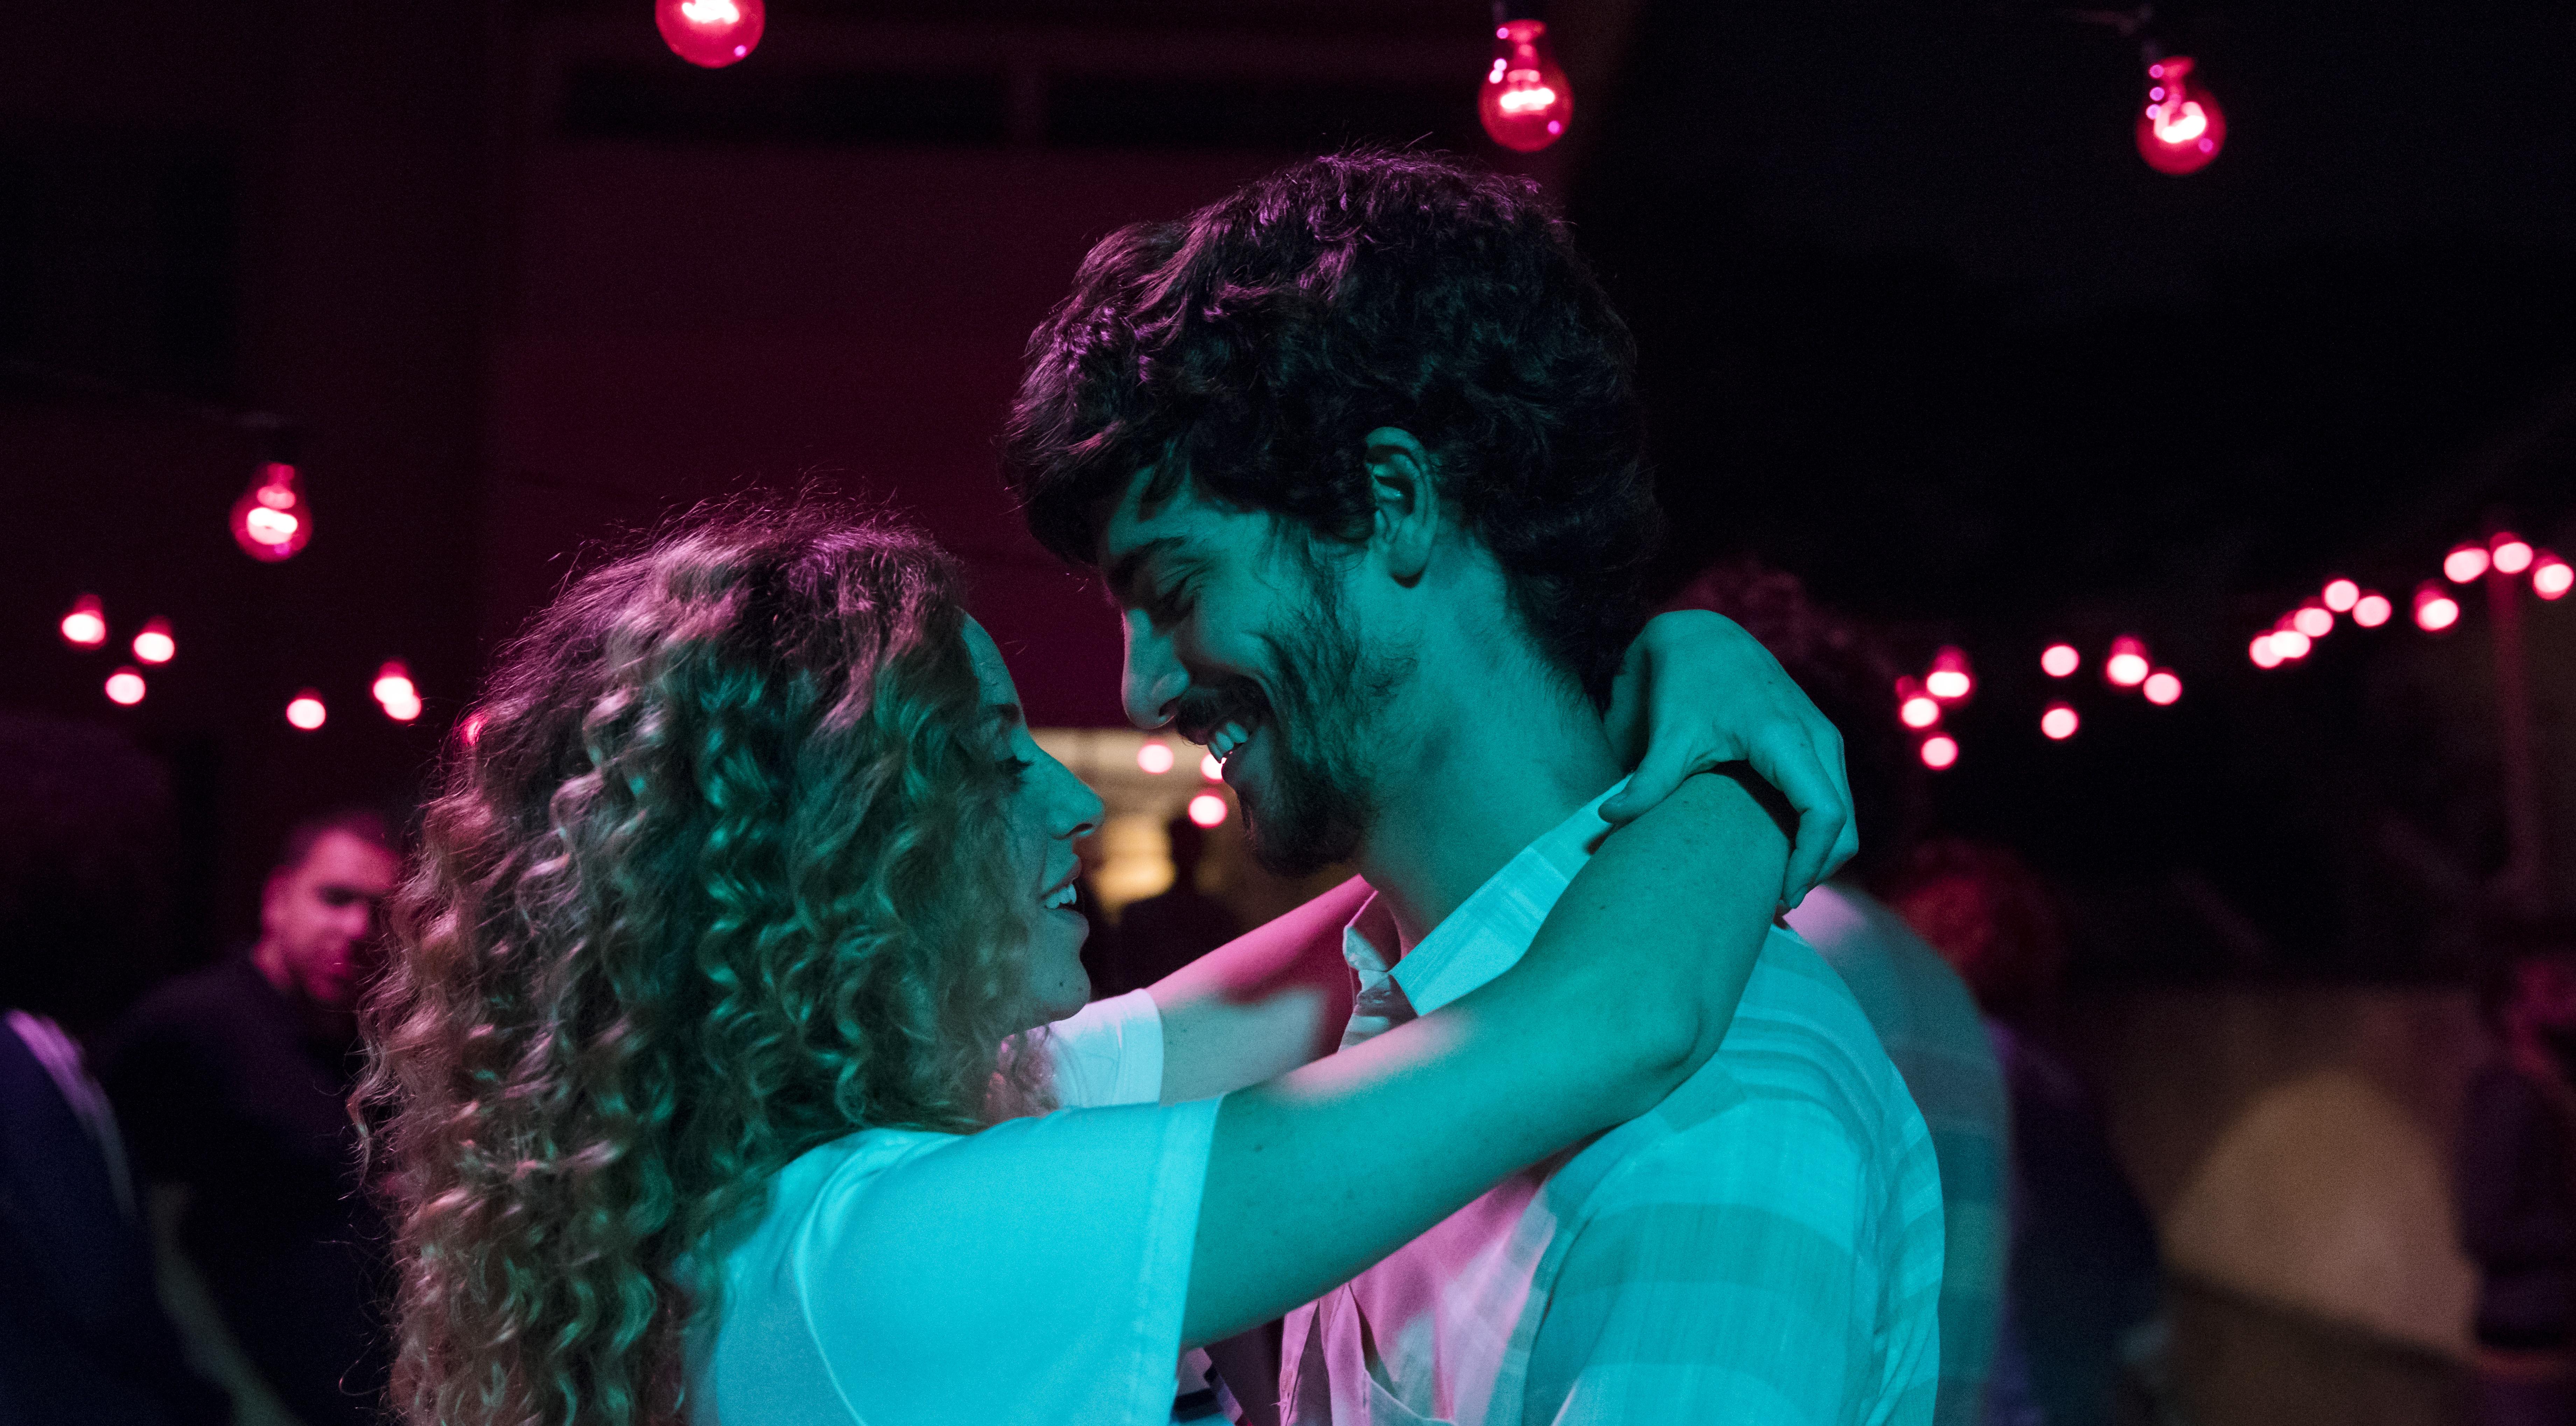 Mayara Constantino and Caio Horowicz in Música para Morrer de Amor (2019)